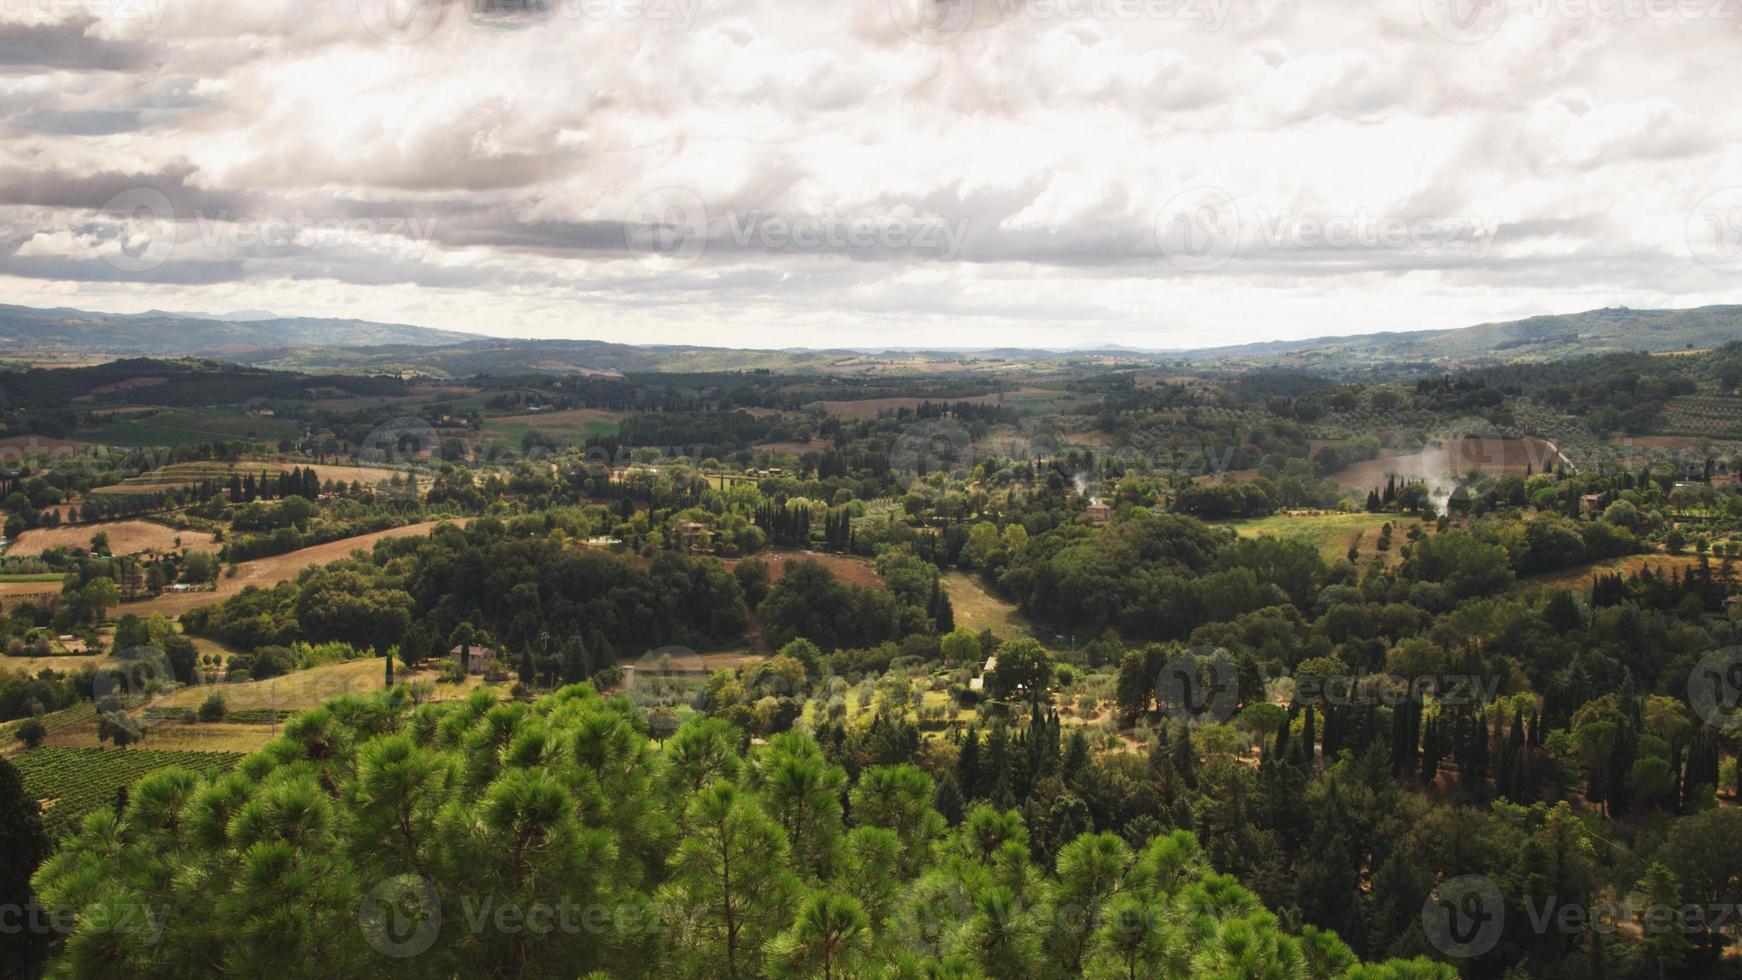 üppige und schöne toskanische Landschaft in Florenz, Italien foto